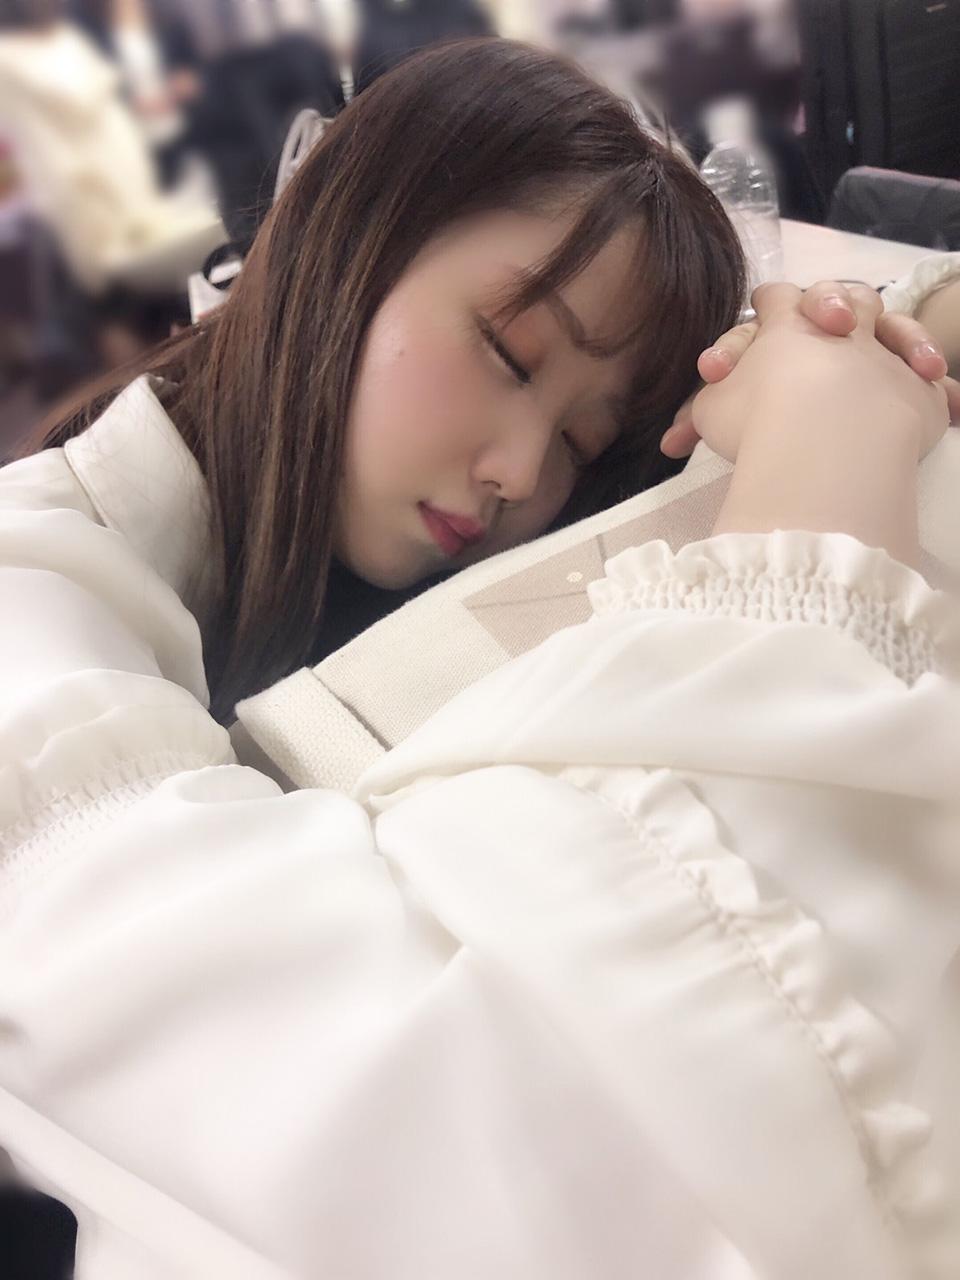 みんながうるさくてもおやすみなさい